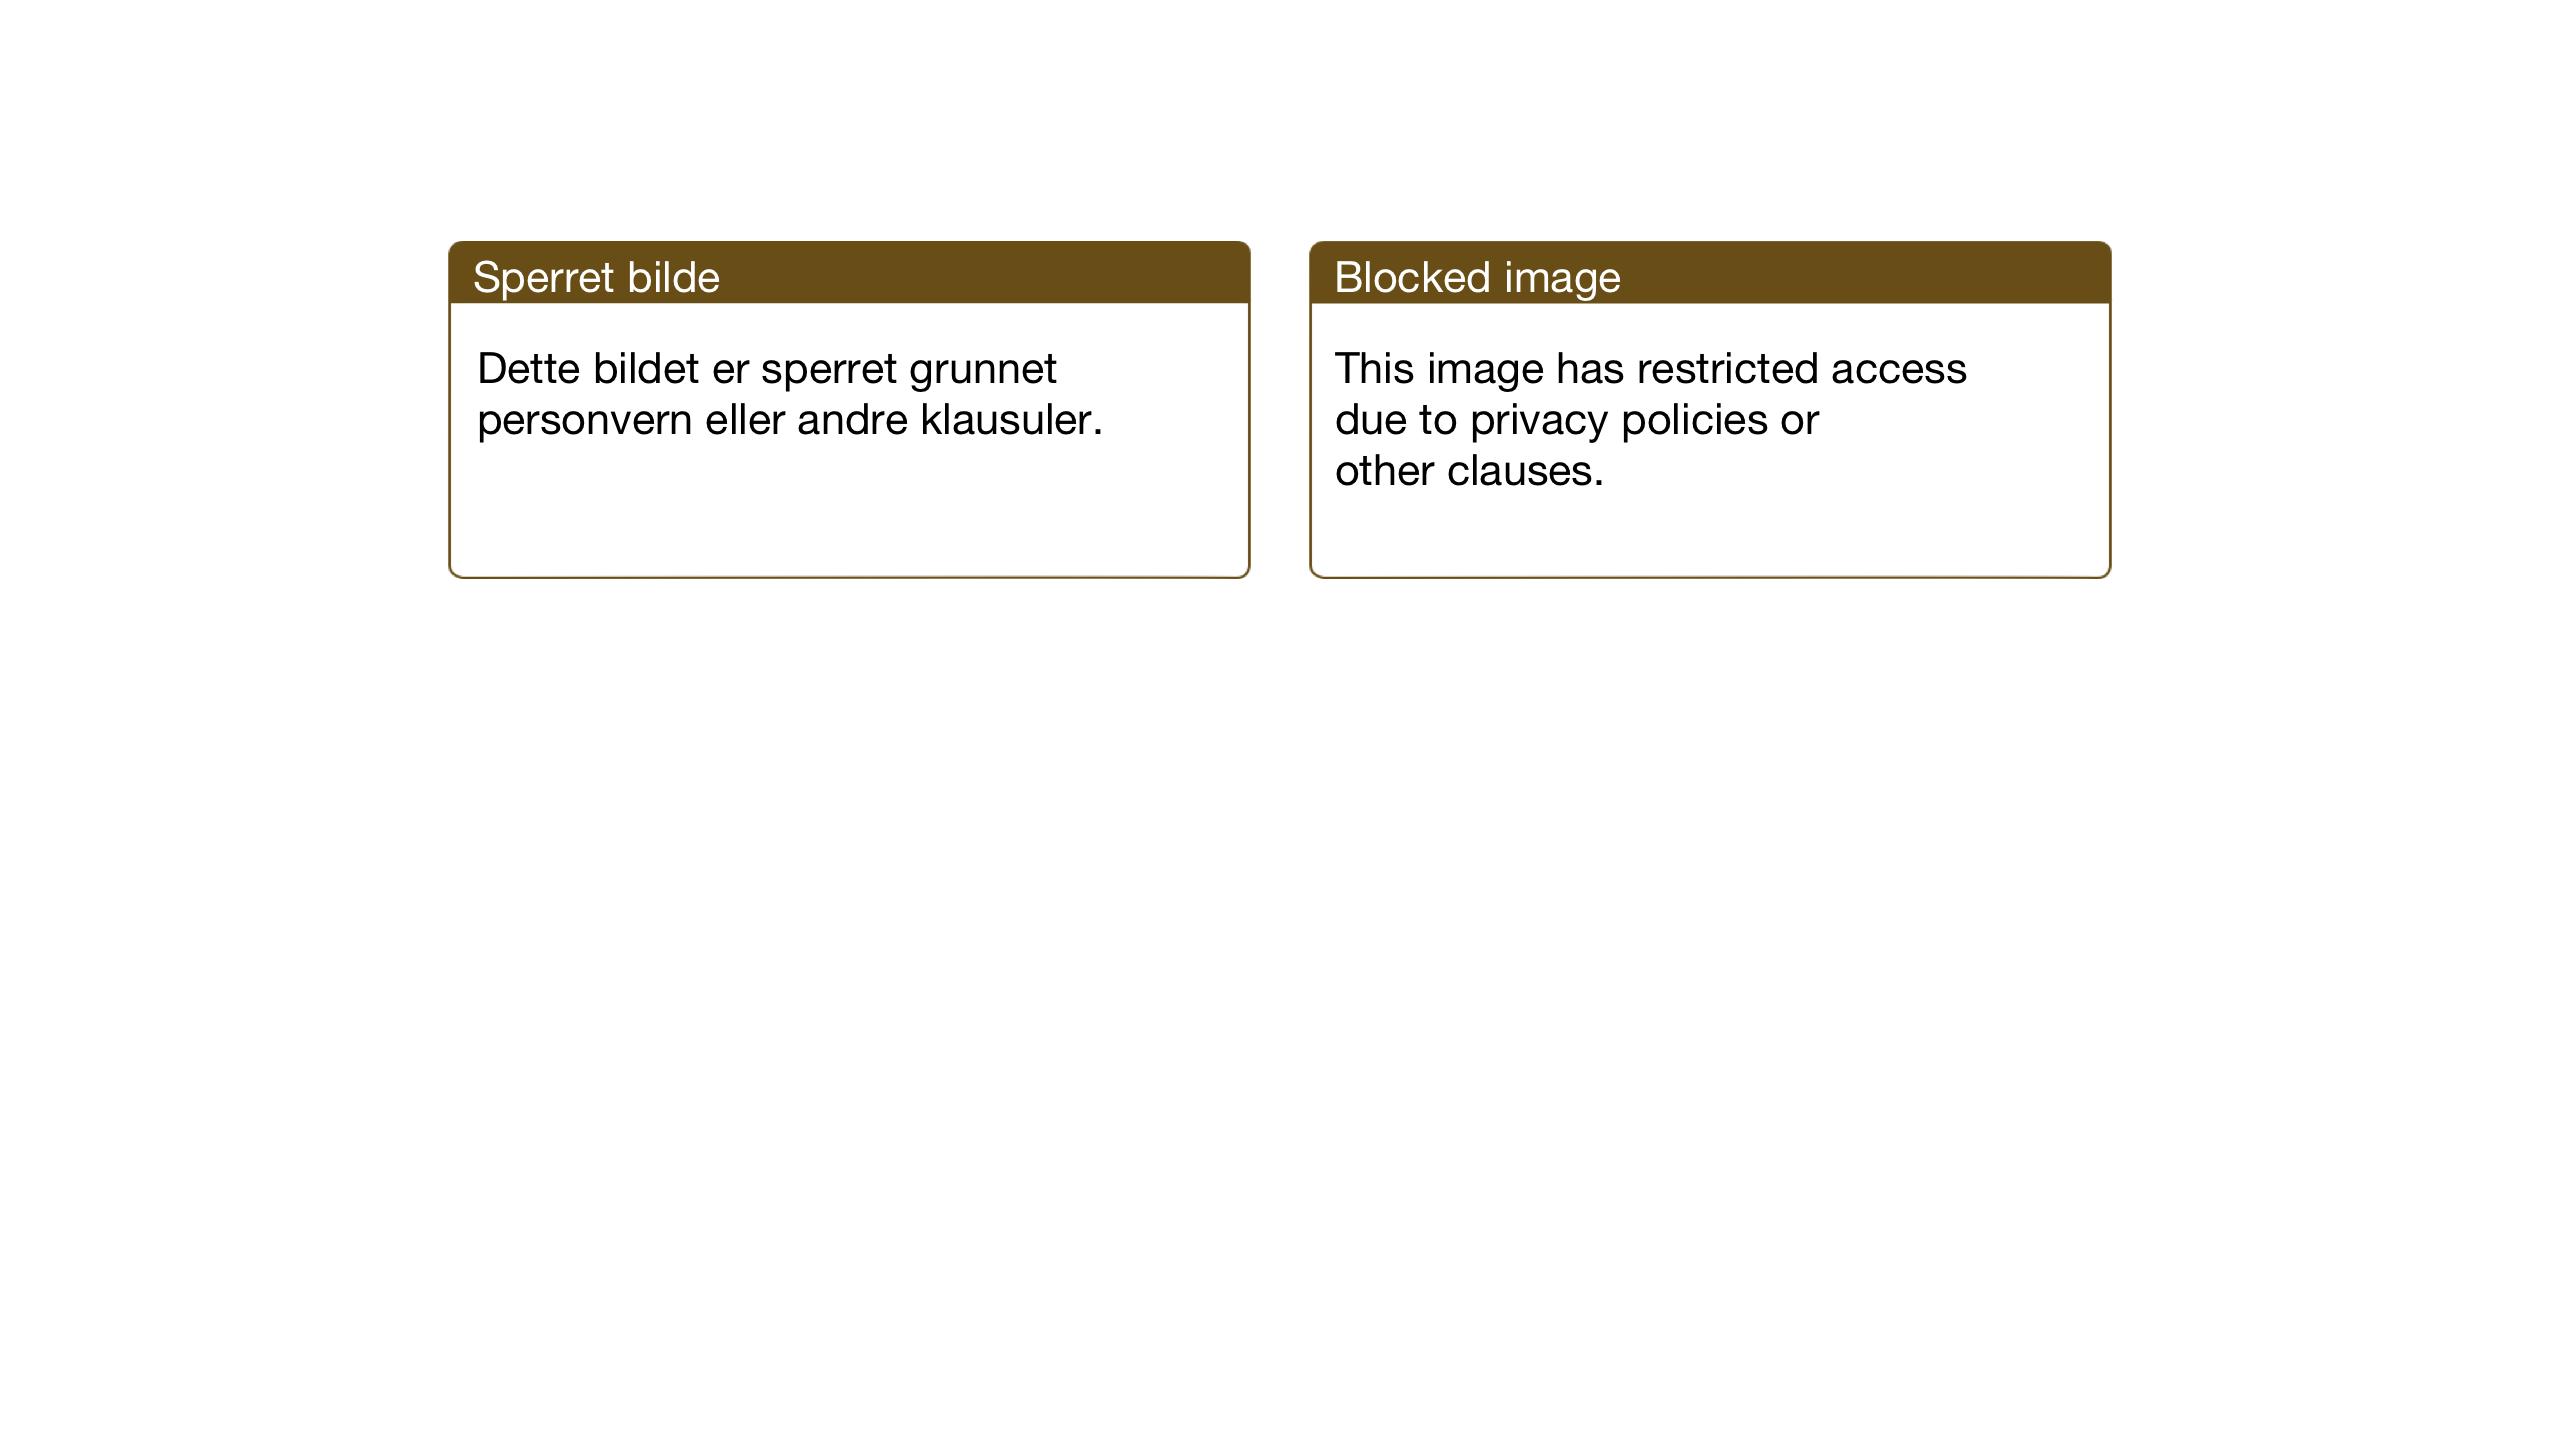 SAT, Ministerialprotokoller, klokkerbøker og fødselsregistre - Nord-Trøndelag, 746/L0456: Klokkerbok nr. 746C02, 1936-1948, s. 82